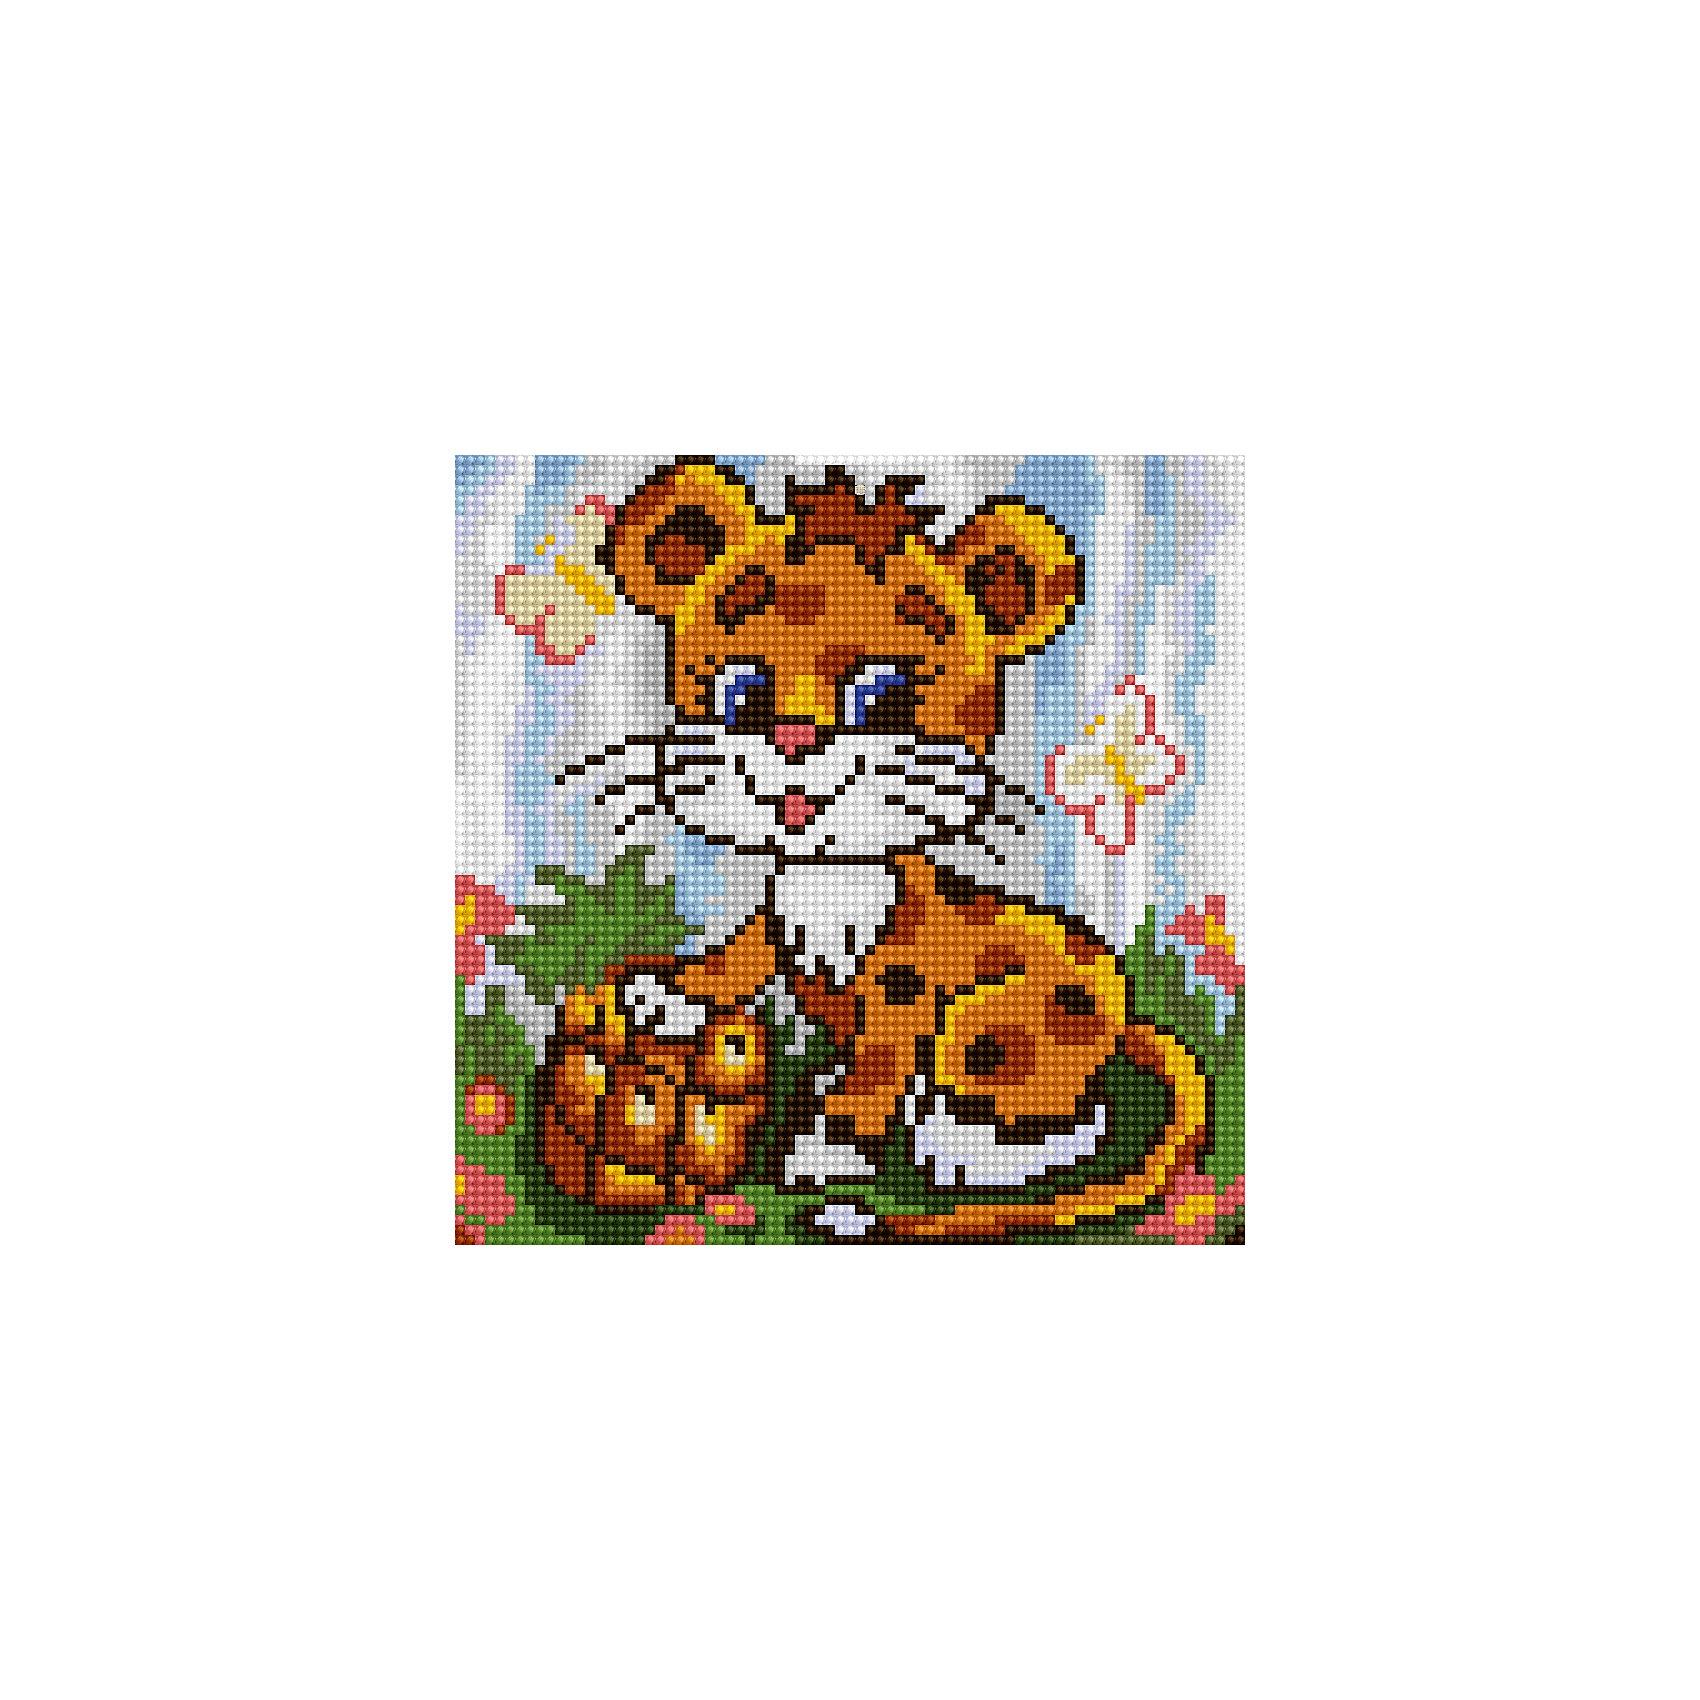 Алмазная мозаика по номерами Маленький леопард 20*20 смПоследняя цена<br>Алмазная мозаика по номерами Маленький леопард 20х20 см.<br><br>Характеристика:<br><br>• Материал: пластик, картон.  <br>• Размер упаковки: 22х22х3 см. <br>• Размер готовой картинки: 20х20 см. <br>• Комплектация: холст на подрамнике, искусственные камни, пинцет, пластмассовый лоток, пластмассовый карандаш для приклеивания, клей.<br>• Развивает мелкую моторику, внимание, усидчивость, цветовосприятие. <br><br>Собирание мозаики - увлекательное занятие, которое обязательно заинтересует детей и поможет развить мелкую моторику, внимание, цветовосприятие и пространственное мышление. Яркую переливающуюся картину ваш ребенок сможет сделать самостоятельно: нужно лишь наклеить цветные камушки на картонную основу с уже нанесенным контурным рисунком. <br>Набор для творчества Алмазная мозаика по номерам полезный и всегда желанный подарок на любой праздник! <br><br>Алмазную мозаику по номерами Маленький леопард 20х20 см, можно купить в нашем интернет-магазине.<br><br>Ширина мм: 220<br>Глубина мм: 220<br>Высота мм: 30<br>Вес г: 900<br>Возраст от месяцев: 96<br>Возраст до месяцев: 2147483647<br>Пол: Женский<br>Возраст: Детский<br>SKU: 5217174